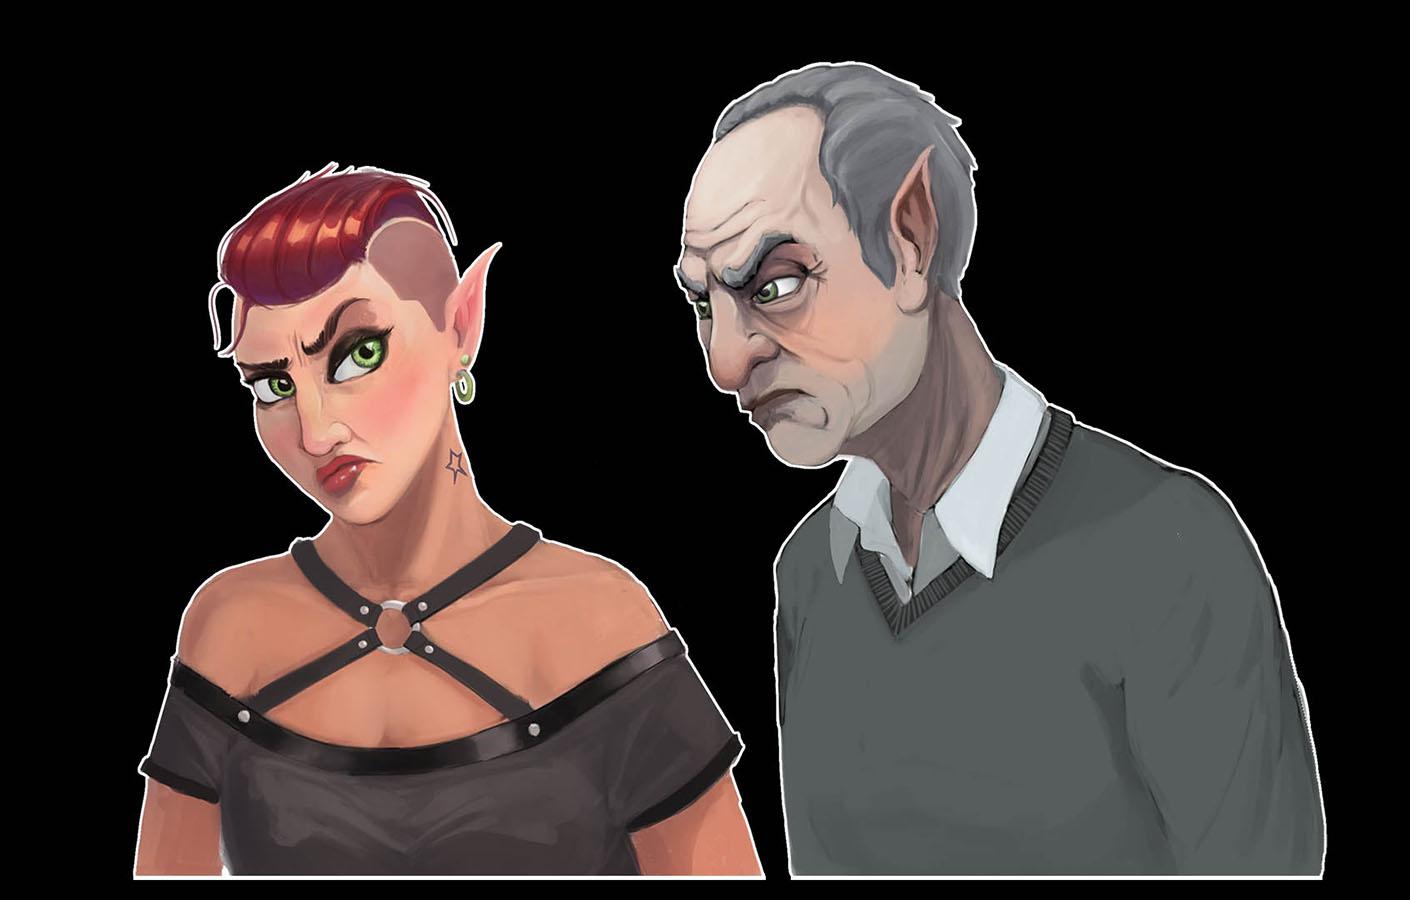 Father1 | Концепт-художник. Разные стили. 2D (в основном) + 3D (изредка)